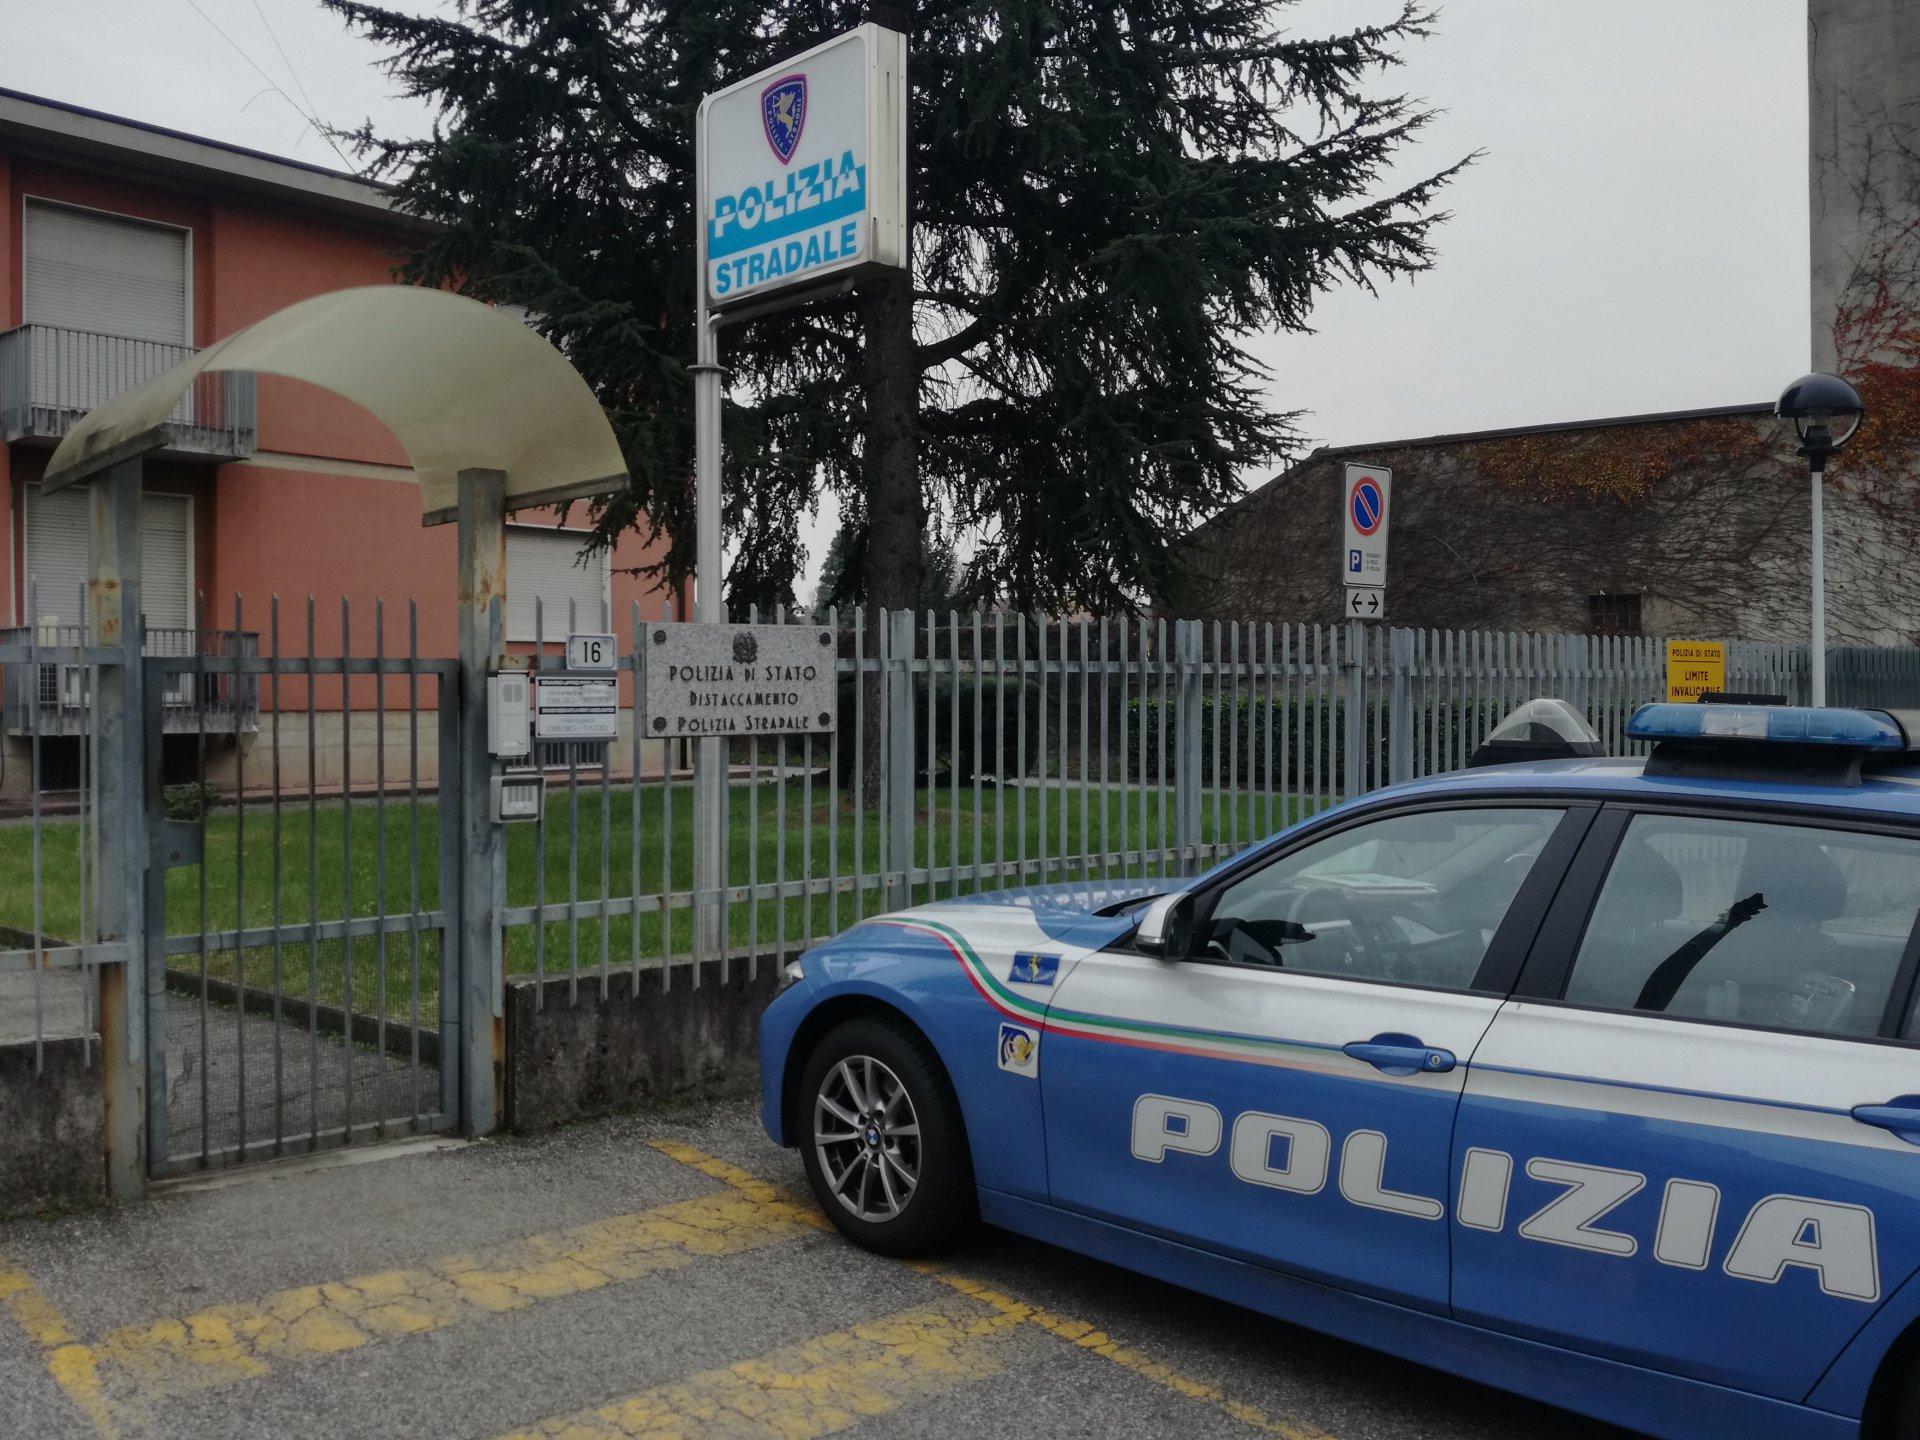 Da Lunedi Chiude La Polizia Stradale Di Seregno Prima Monza